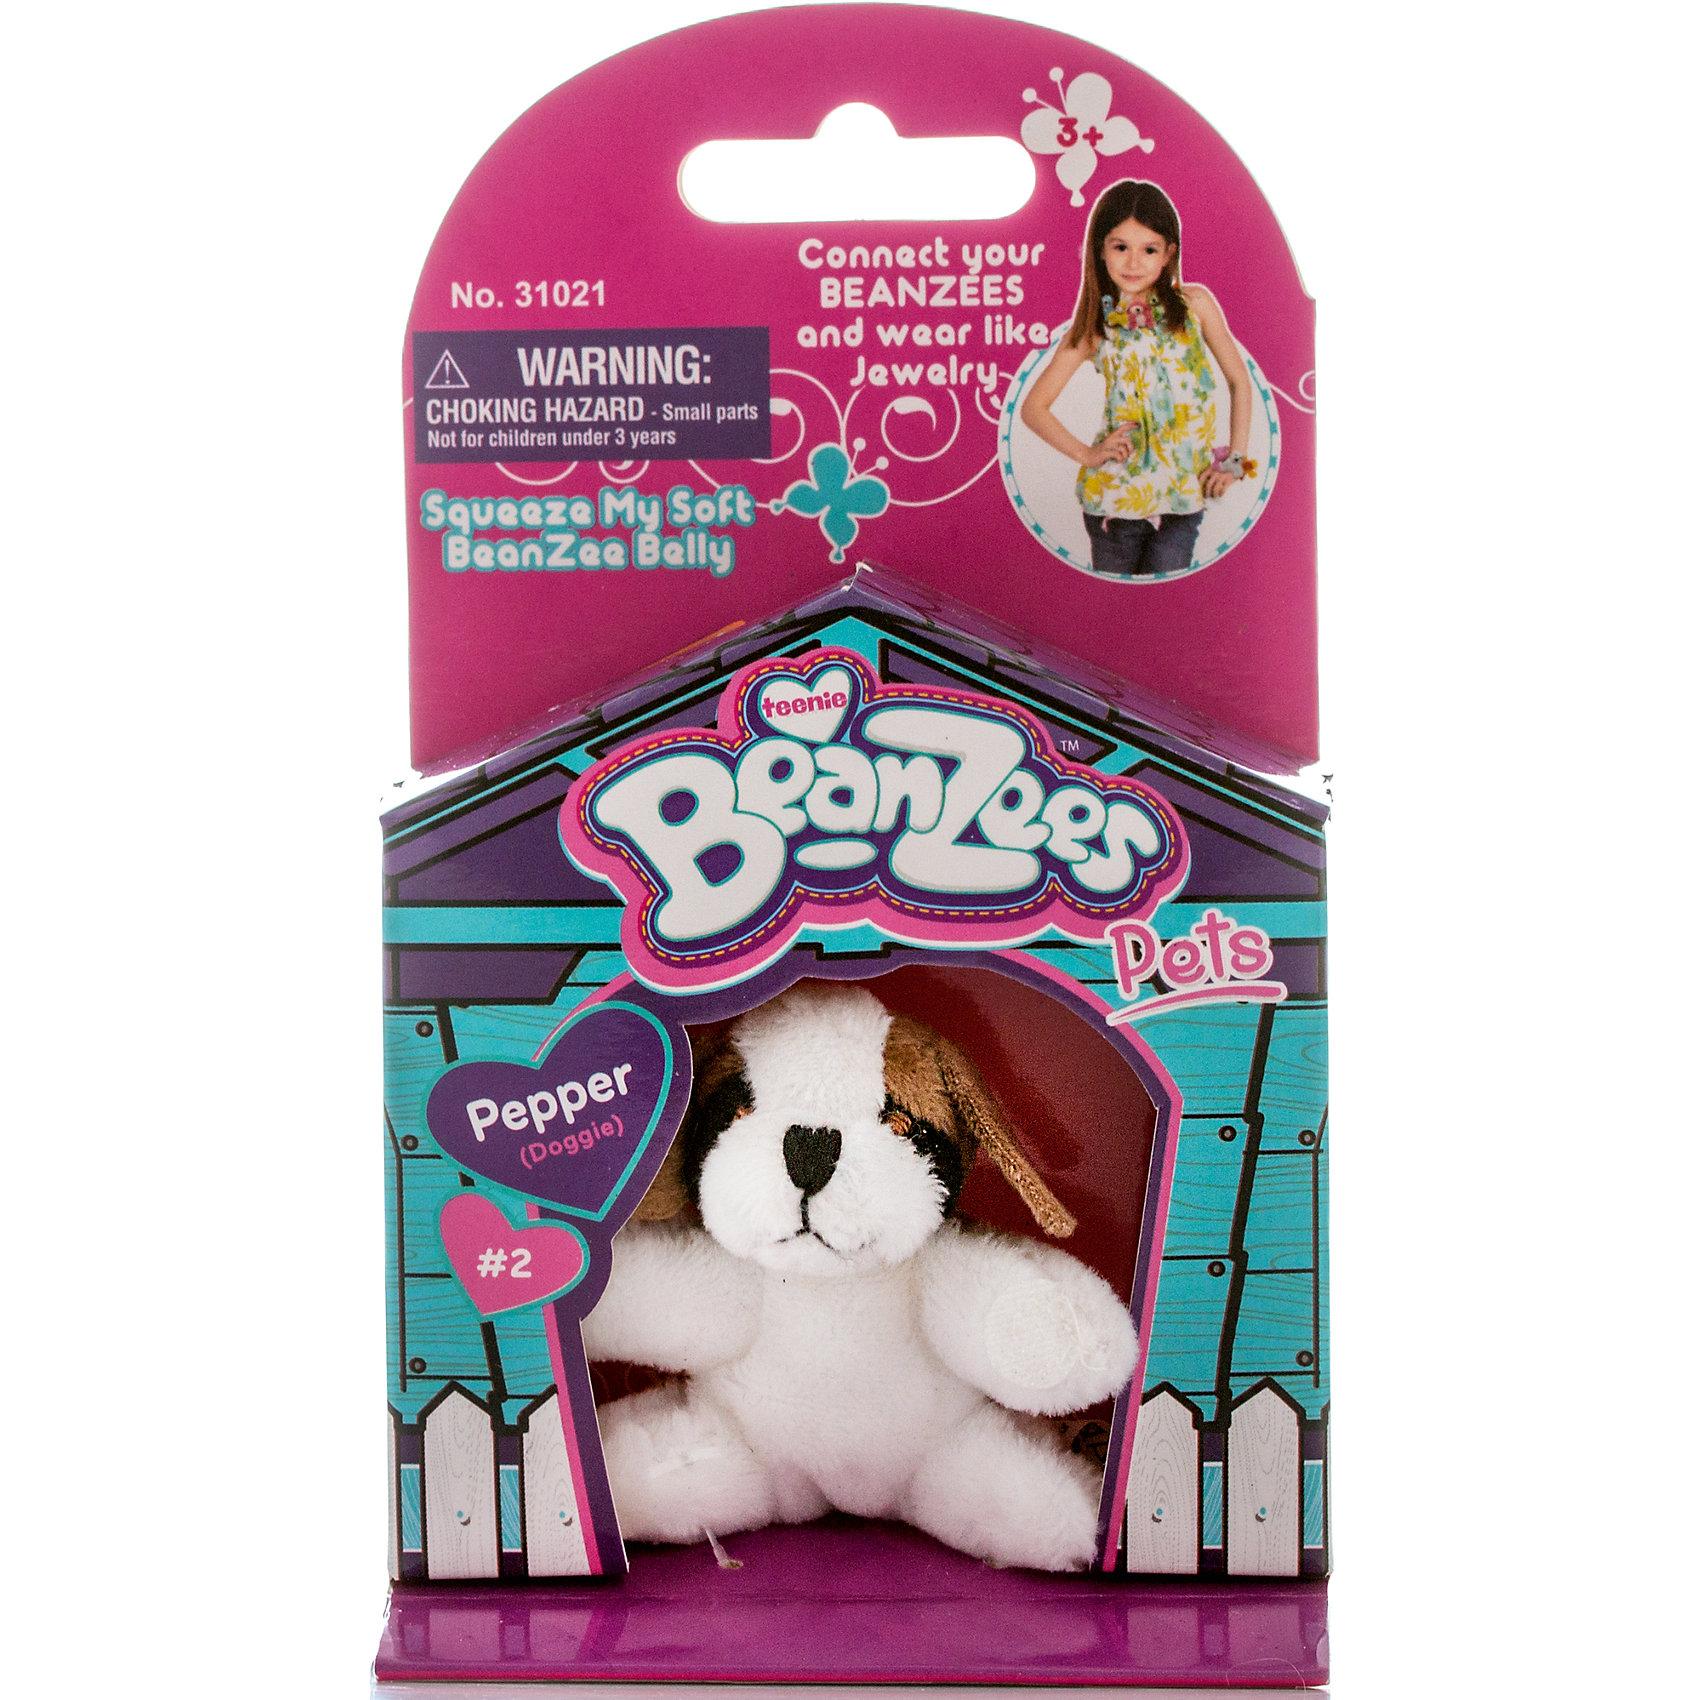 Мини-плюш Собака, BeanzeezХарактеристики товара:<br><br>• особенности: наличие на лапках липучек, игрушку можно соединять с другими героями из серии<br>• материал: пластик, текстиль<br>• размер упаковки: 9х5,5х14,5 см.<br>• высота игрушки: 5 см<br>• возраст: от 3 лет<br>• страна бренда: США<br>• страна производства: Китай<br><br>Такая симпатичная игрушка не оставит ребенка равнодушным! Какой малыш откажется поиграть с маленькими плюшевыми игрушками из большой пушистой коллекции?! Игрушки очень качественно выполнены, поэтому такая фигурка станет отличным подарком ребенку. Благодаря липучкам на лапках животных можно соединить между собой. Дети приходят в восторг от этих игрушек!<br>Такие предметы помогают ребенку отрабатывать новые навыки и способности - развивать ловкость, мелкую моторику, воображение, мышление, логику. Изделие производится из качественных сертифицированных материалов, безопасных даже для самых маленьких.<br><br>Мини-плюш Собака от бренда Beanzeez можно купить в нашем интернет-магазине.<br><br>Ширина мм: 50<br>Глубина мм: 140<br>Высота мм: 85<br>Вес г: 73<br>Возраст от месяцев: 36<br>Возраст до месяцев: 2147483647<br>Пол: Женский<br>Возраст: Детский<br>SKU: 5218679